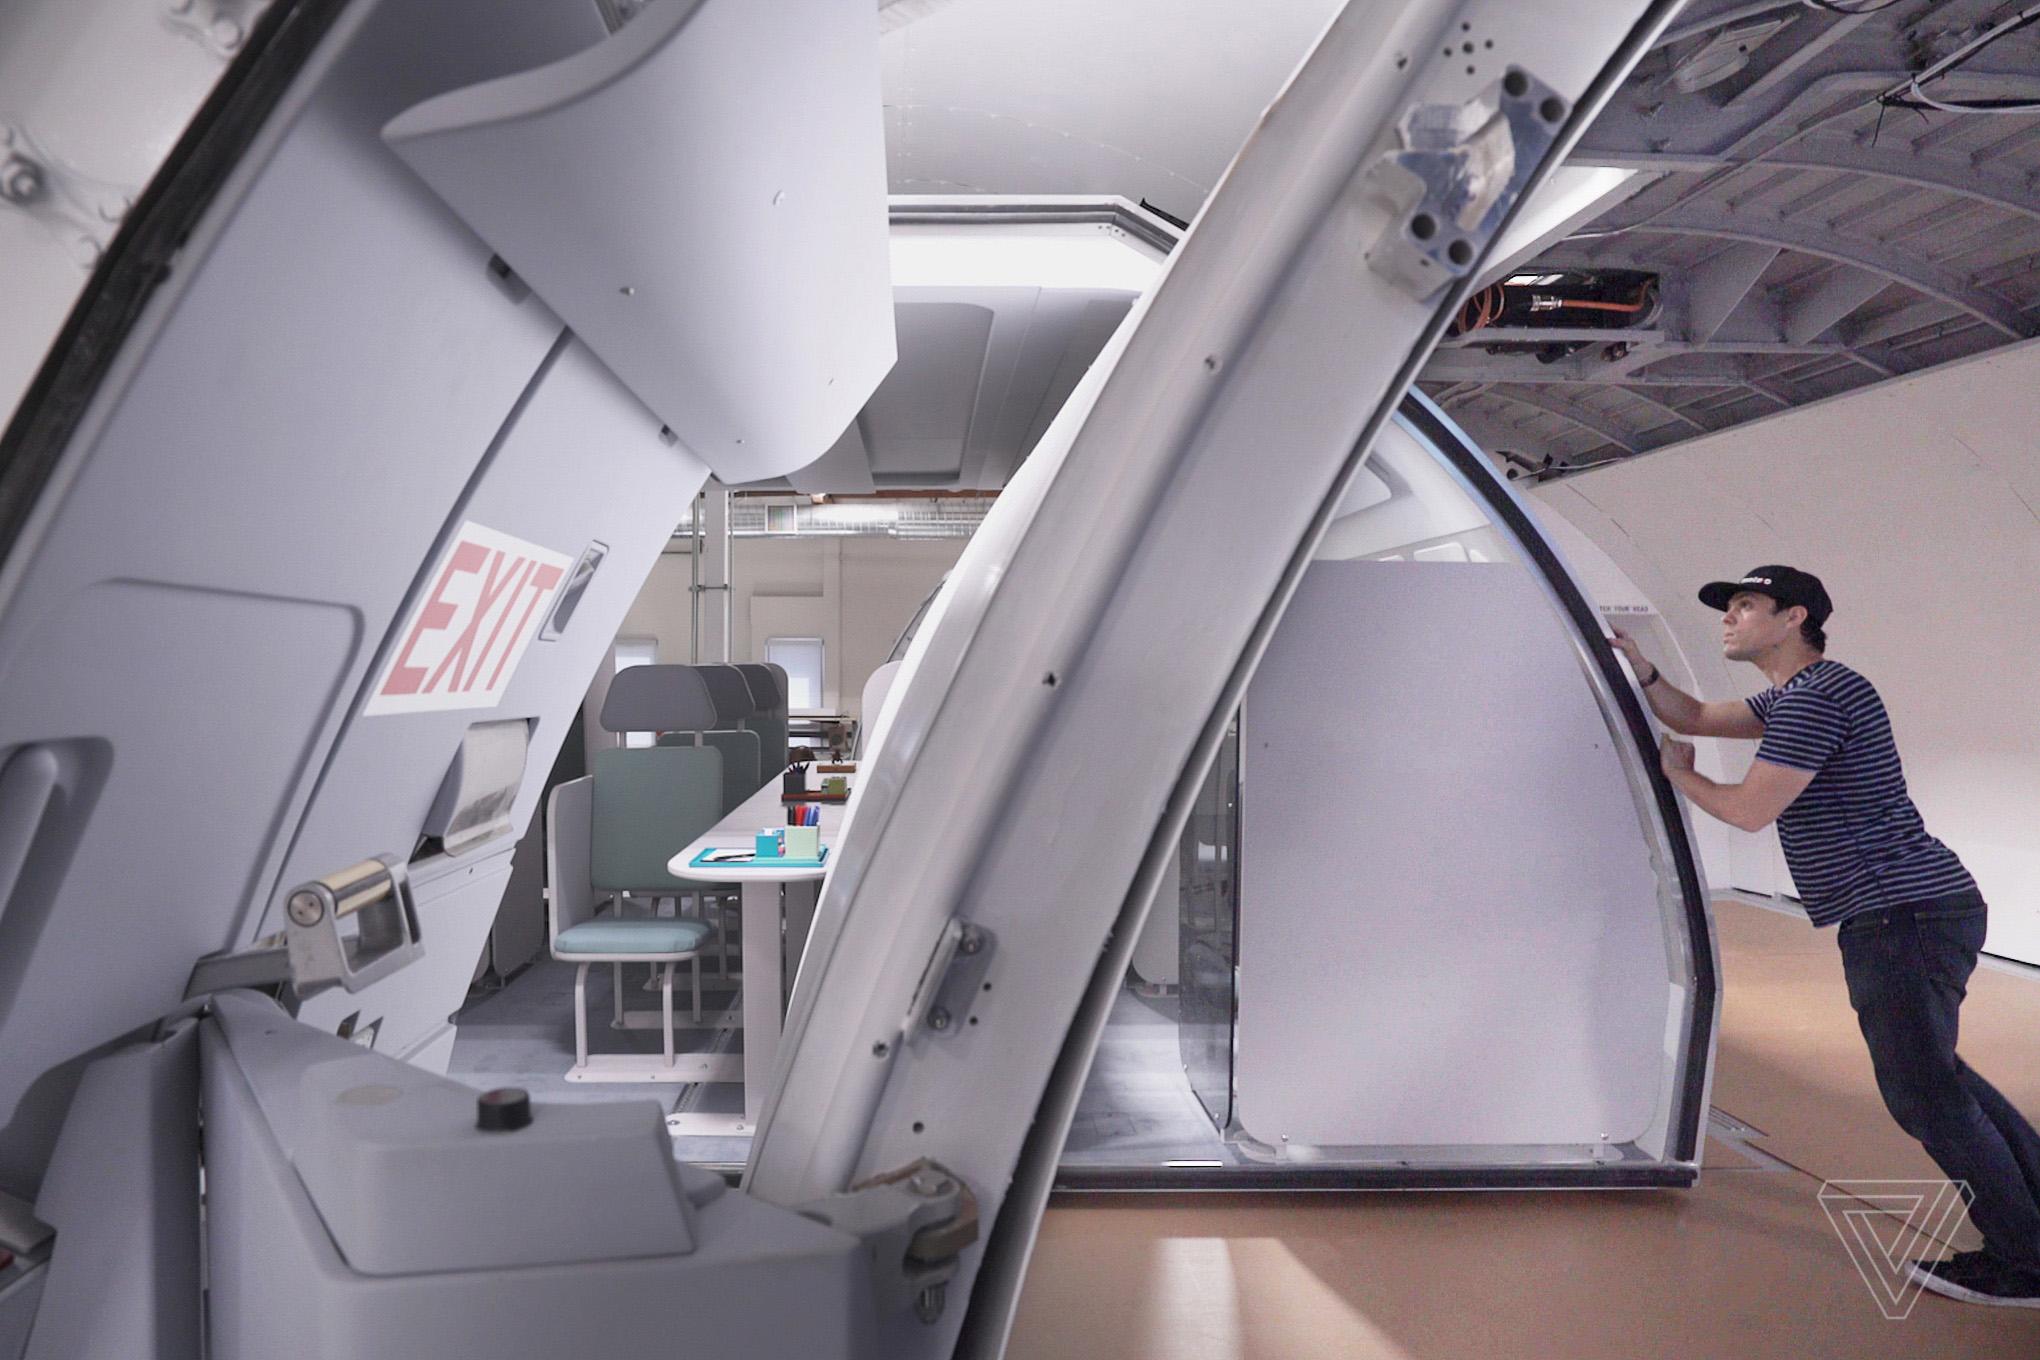 transpose modular flight plane